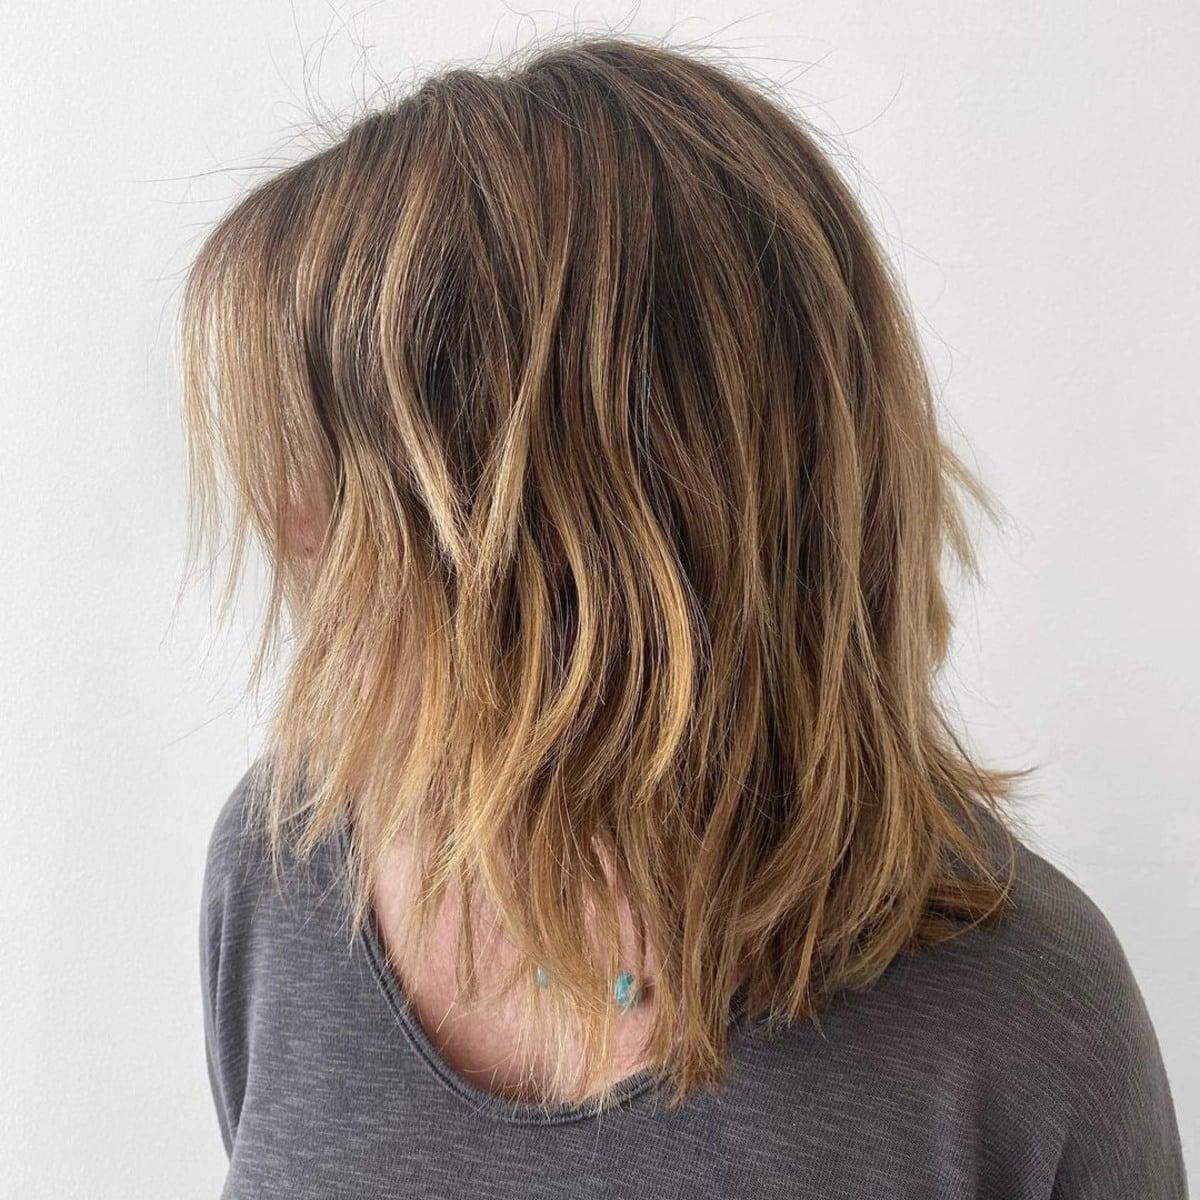 21 Coolest Long Choppy Bob Haircuts for That Beachy Lob Look